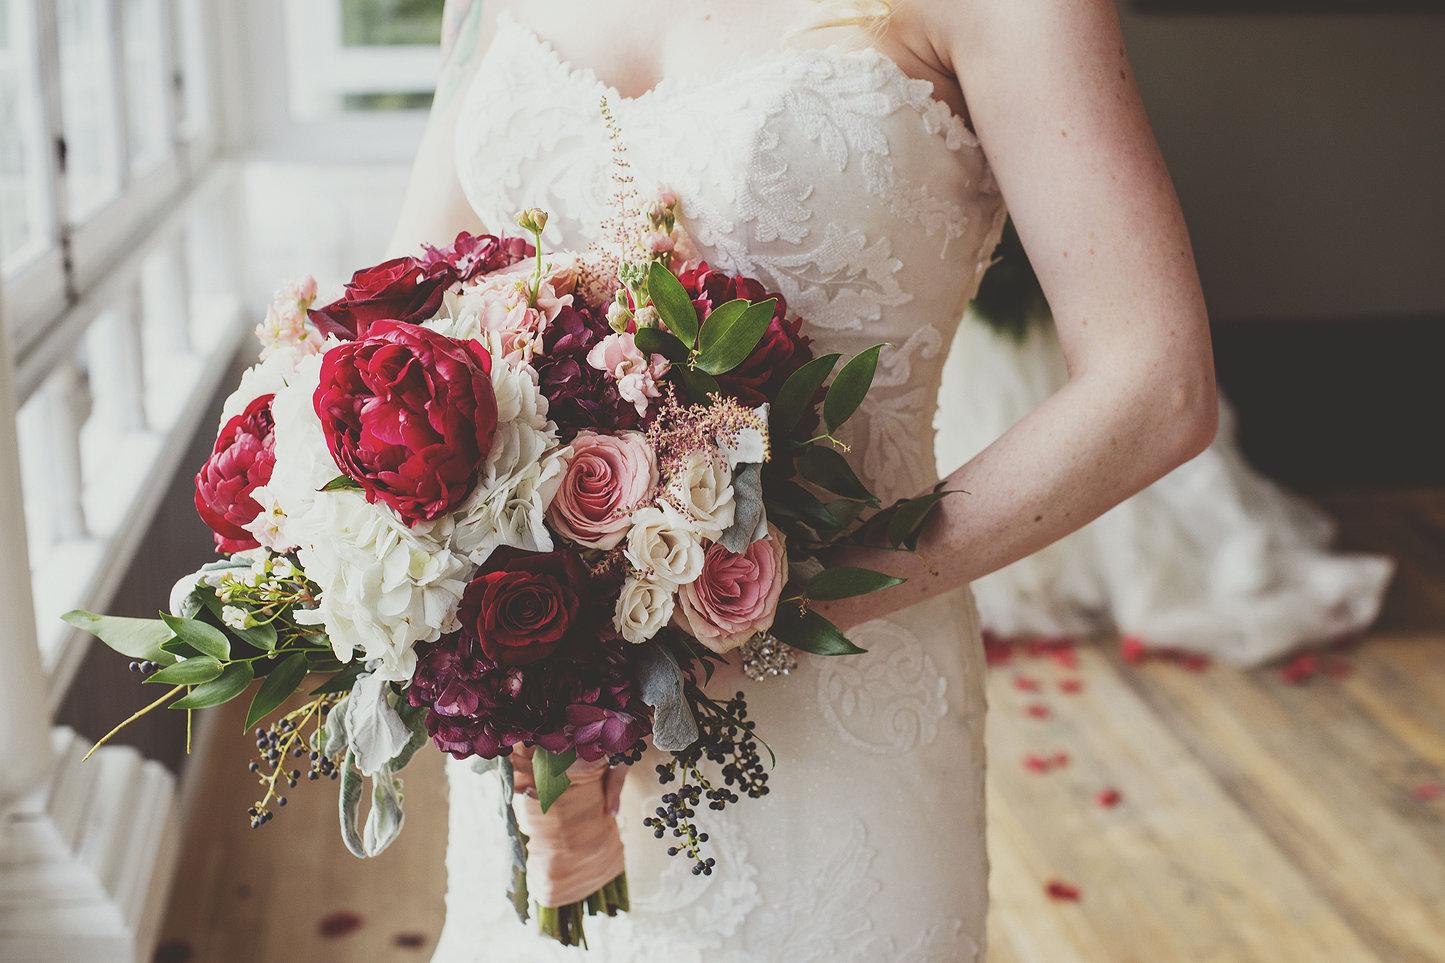 Букет невесты после свадьбы